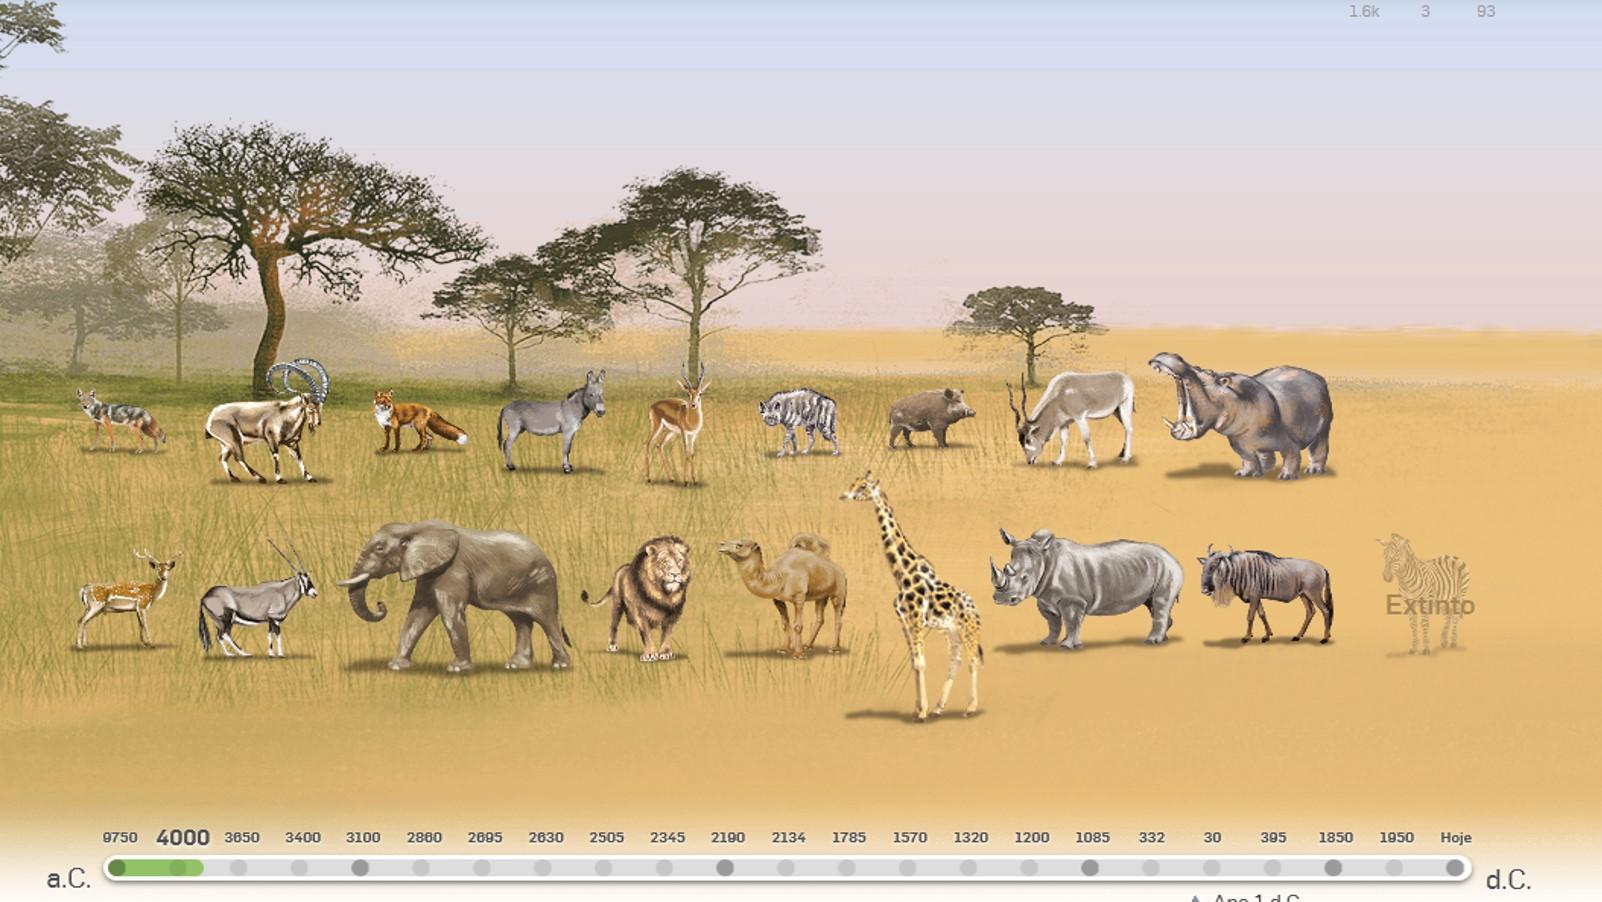 Colapso ecológico en el Valle del Nilo